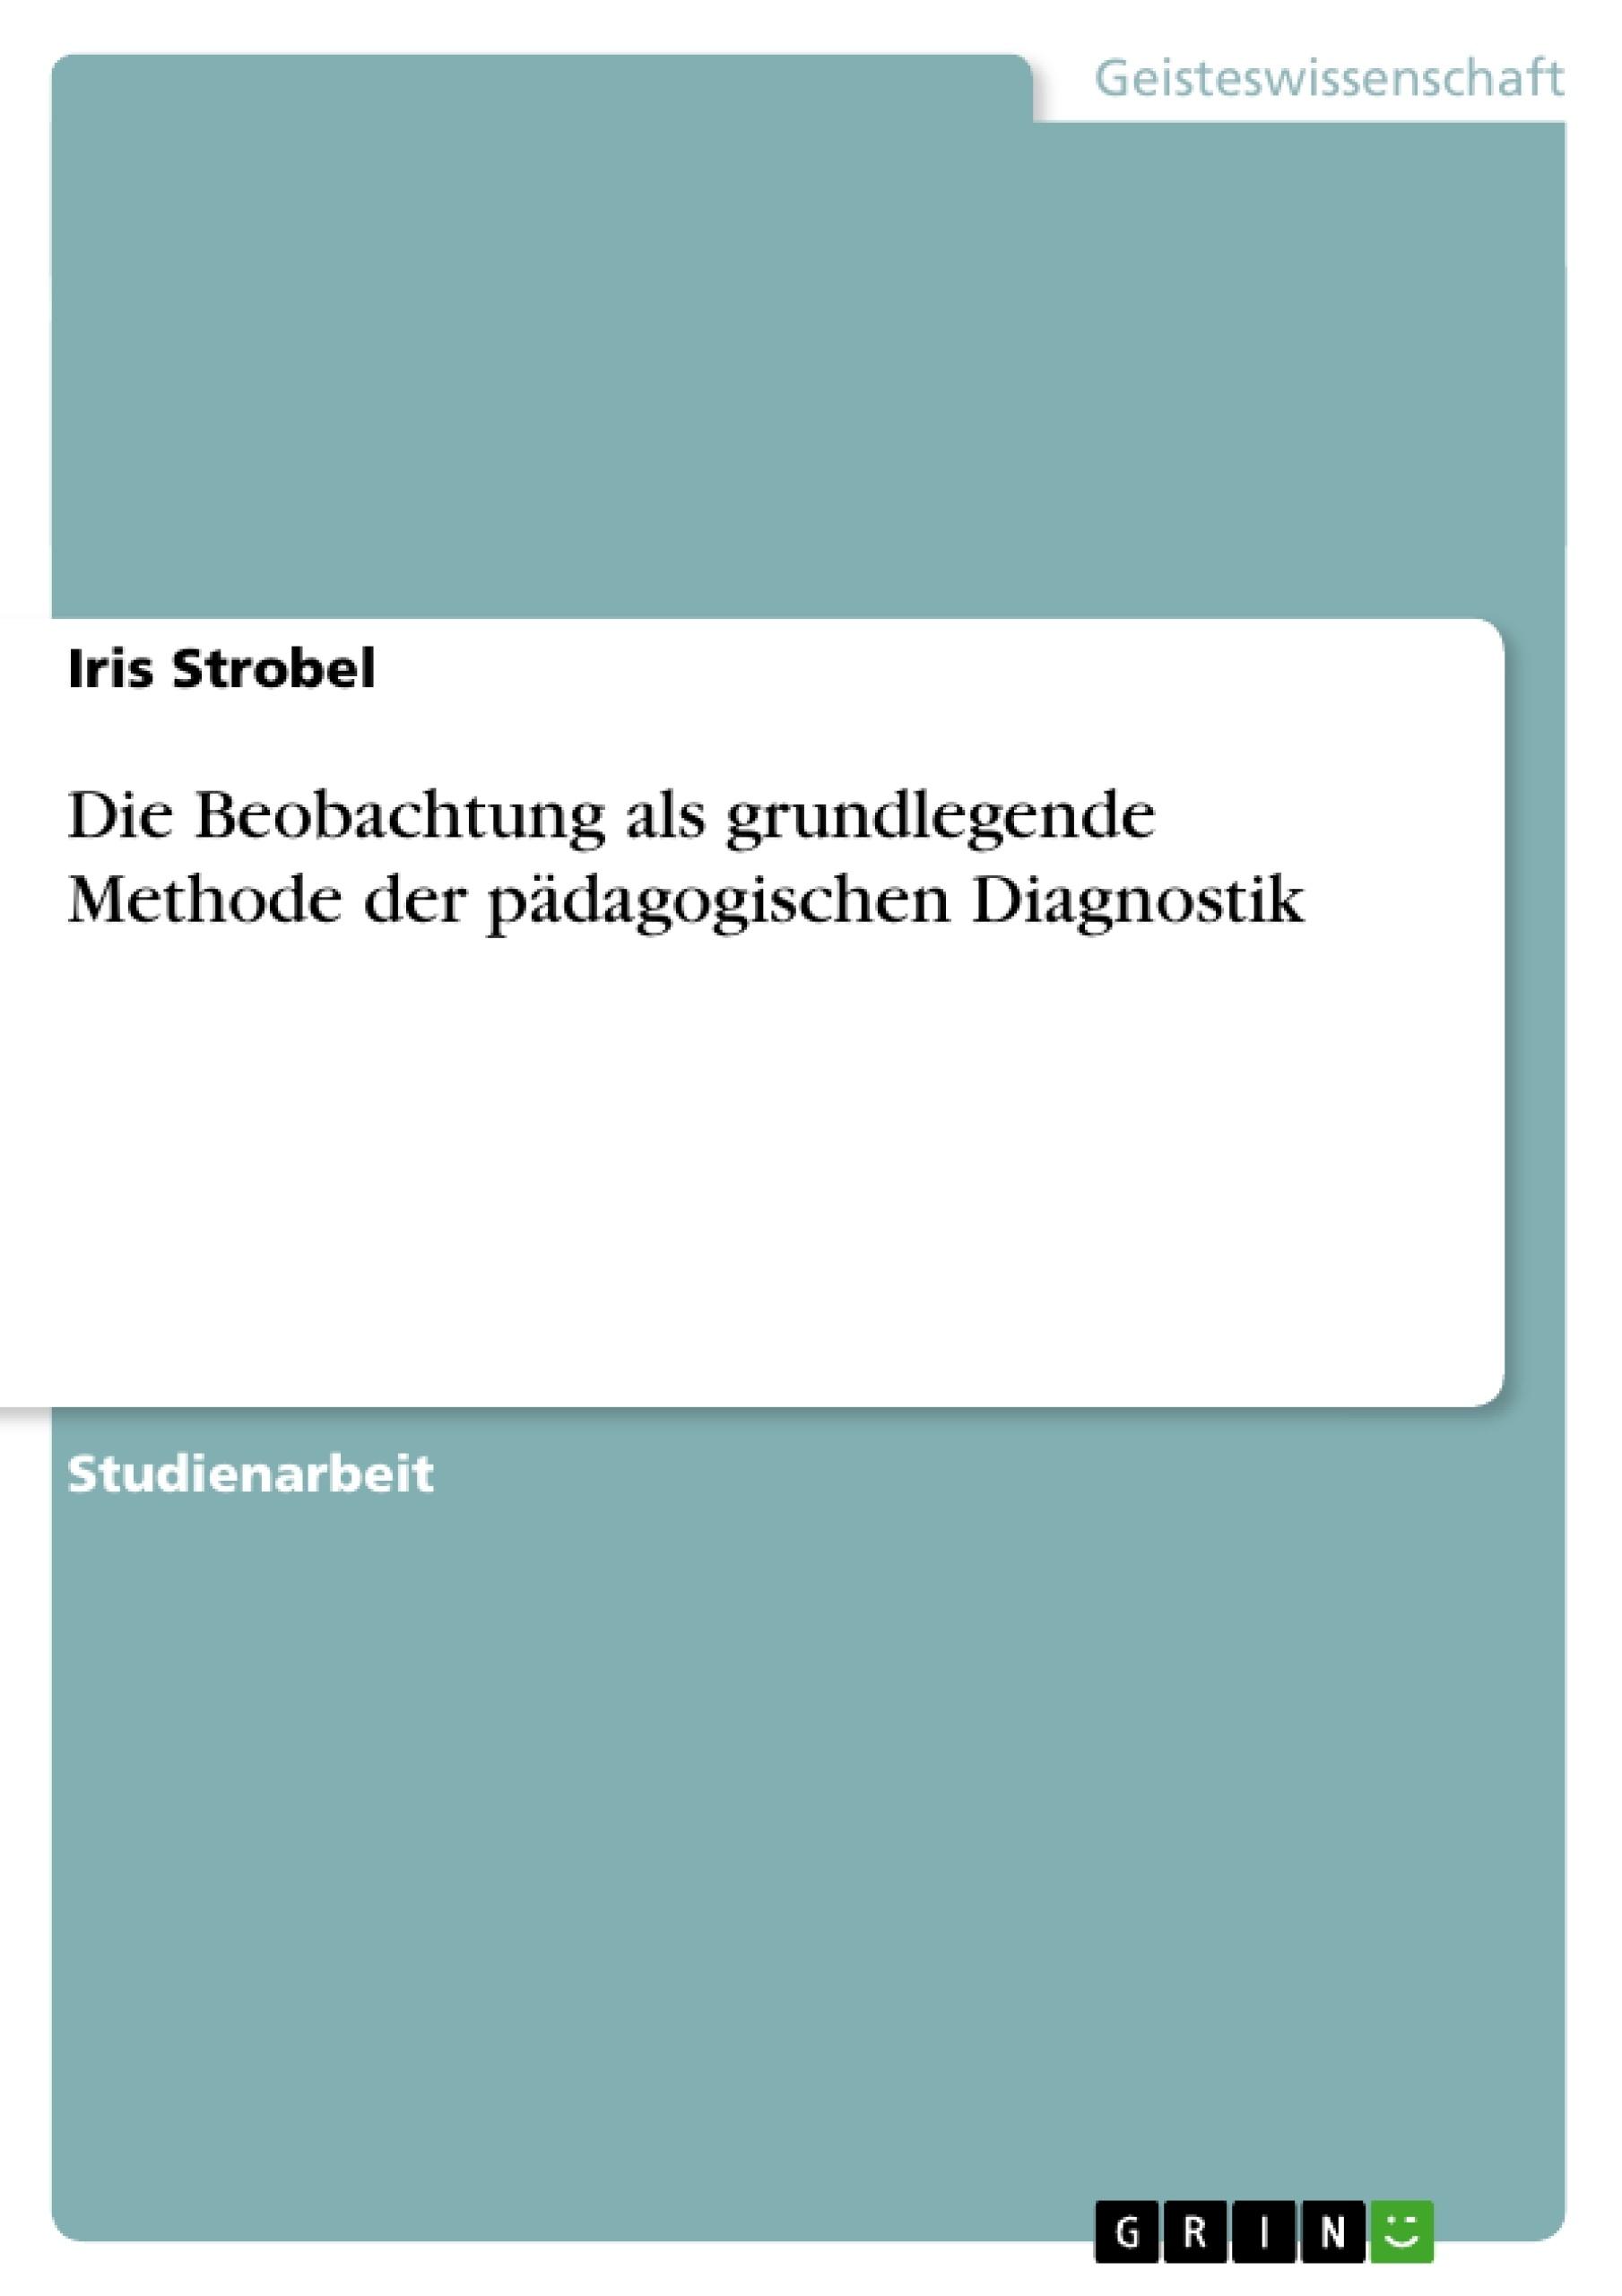 Titel: Die Beobachtung als grundlegende Methode der pädagogischen Diagnostik